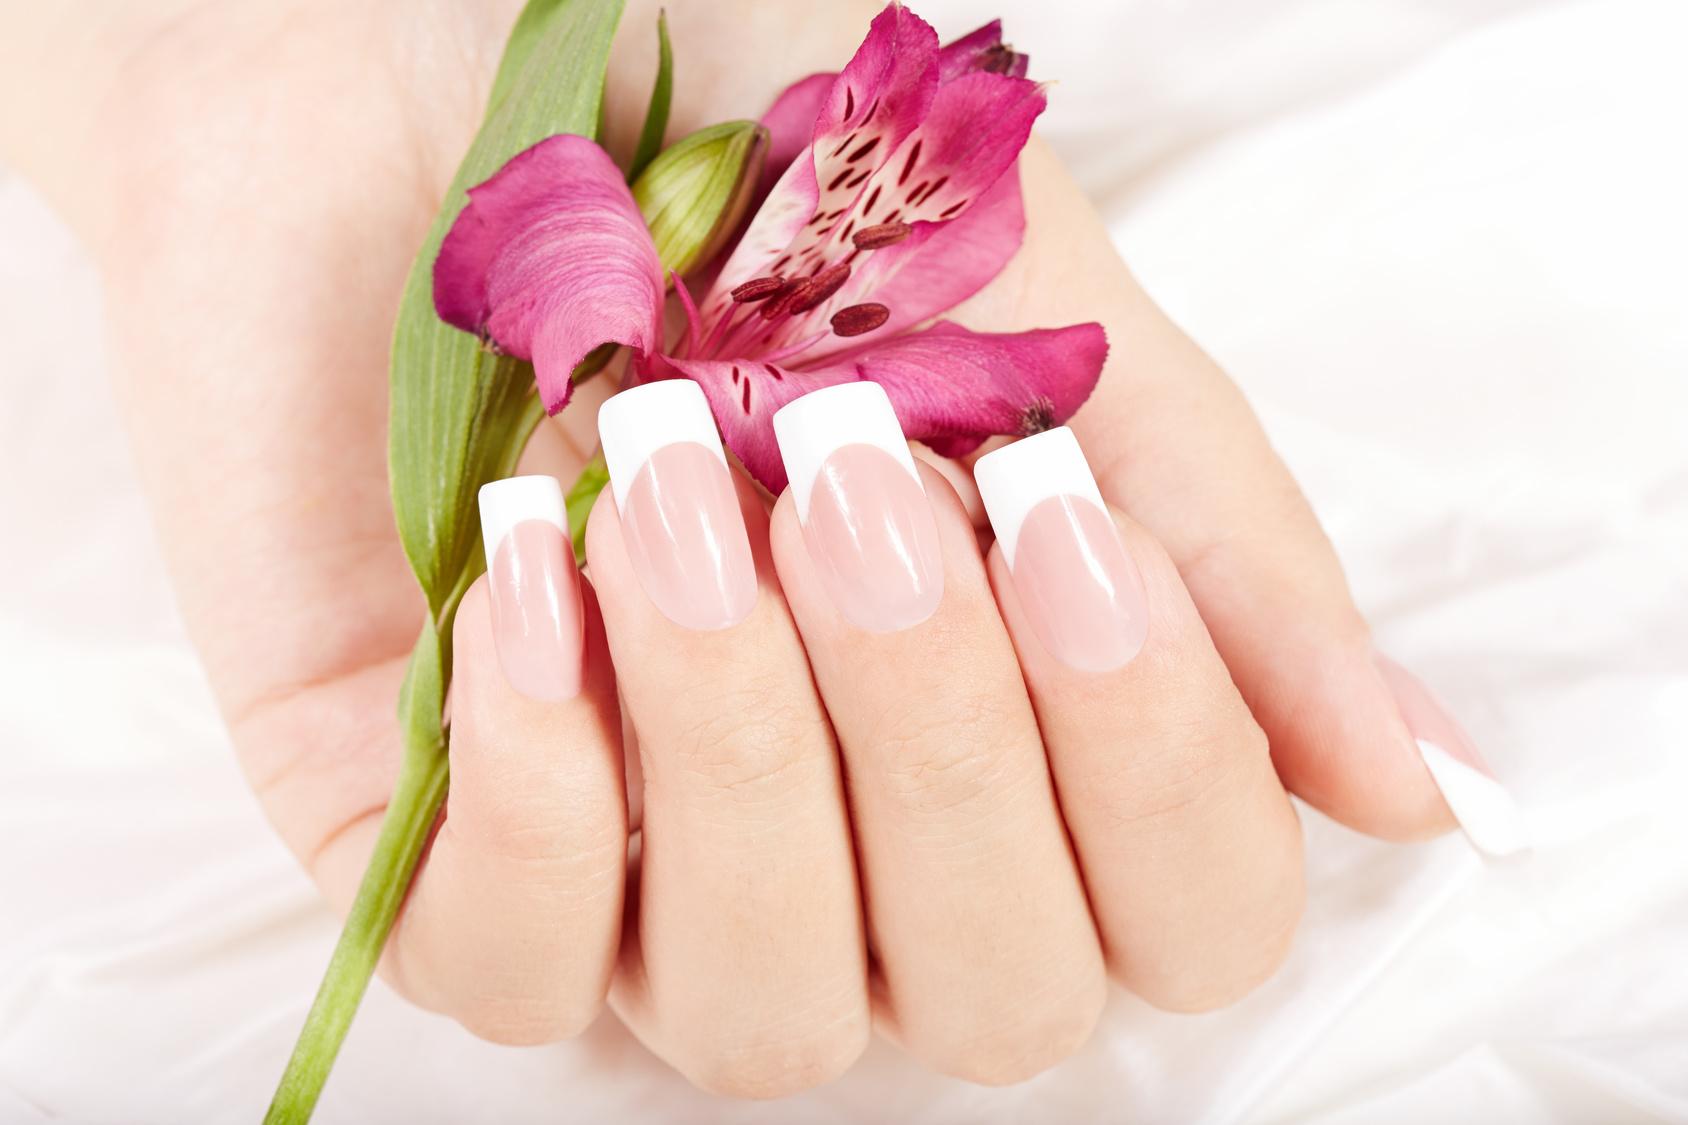 Hand zeigt, dass Make Up UV Gel mit Nagel Tip Verlängerung kombiniert werden können